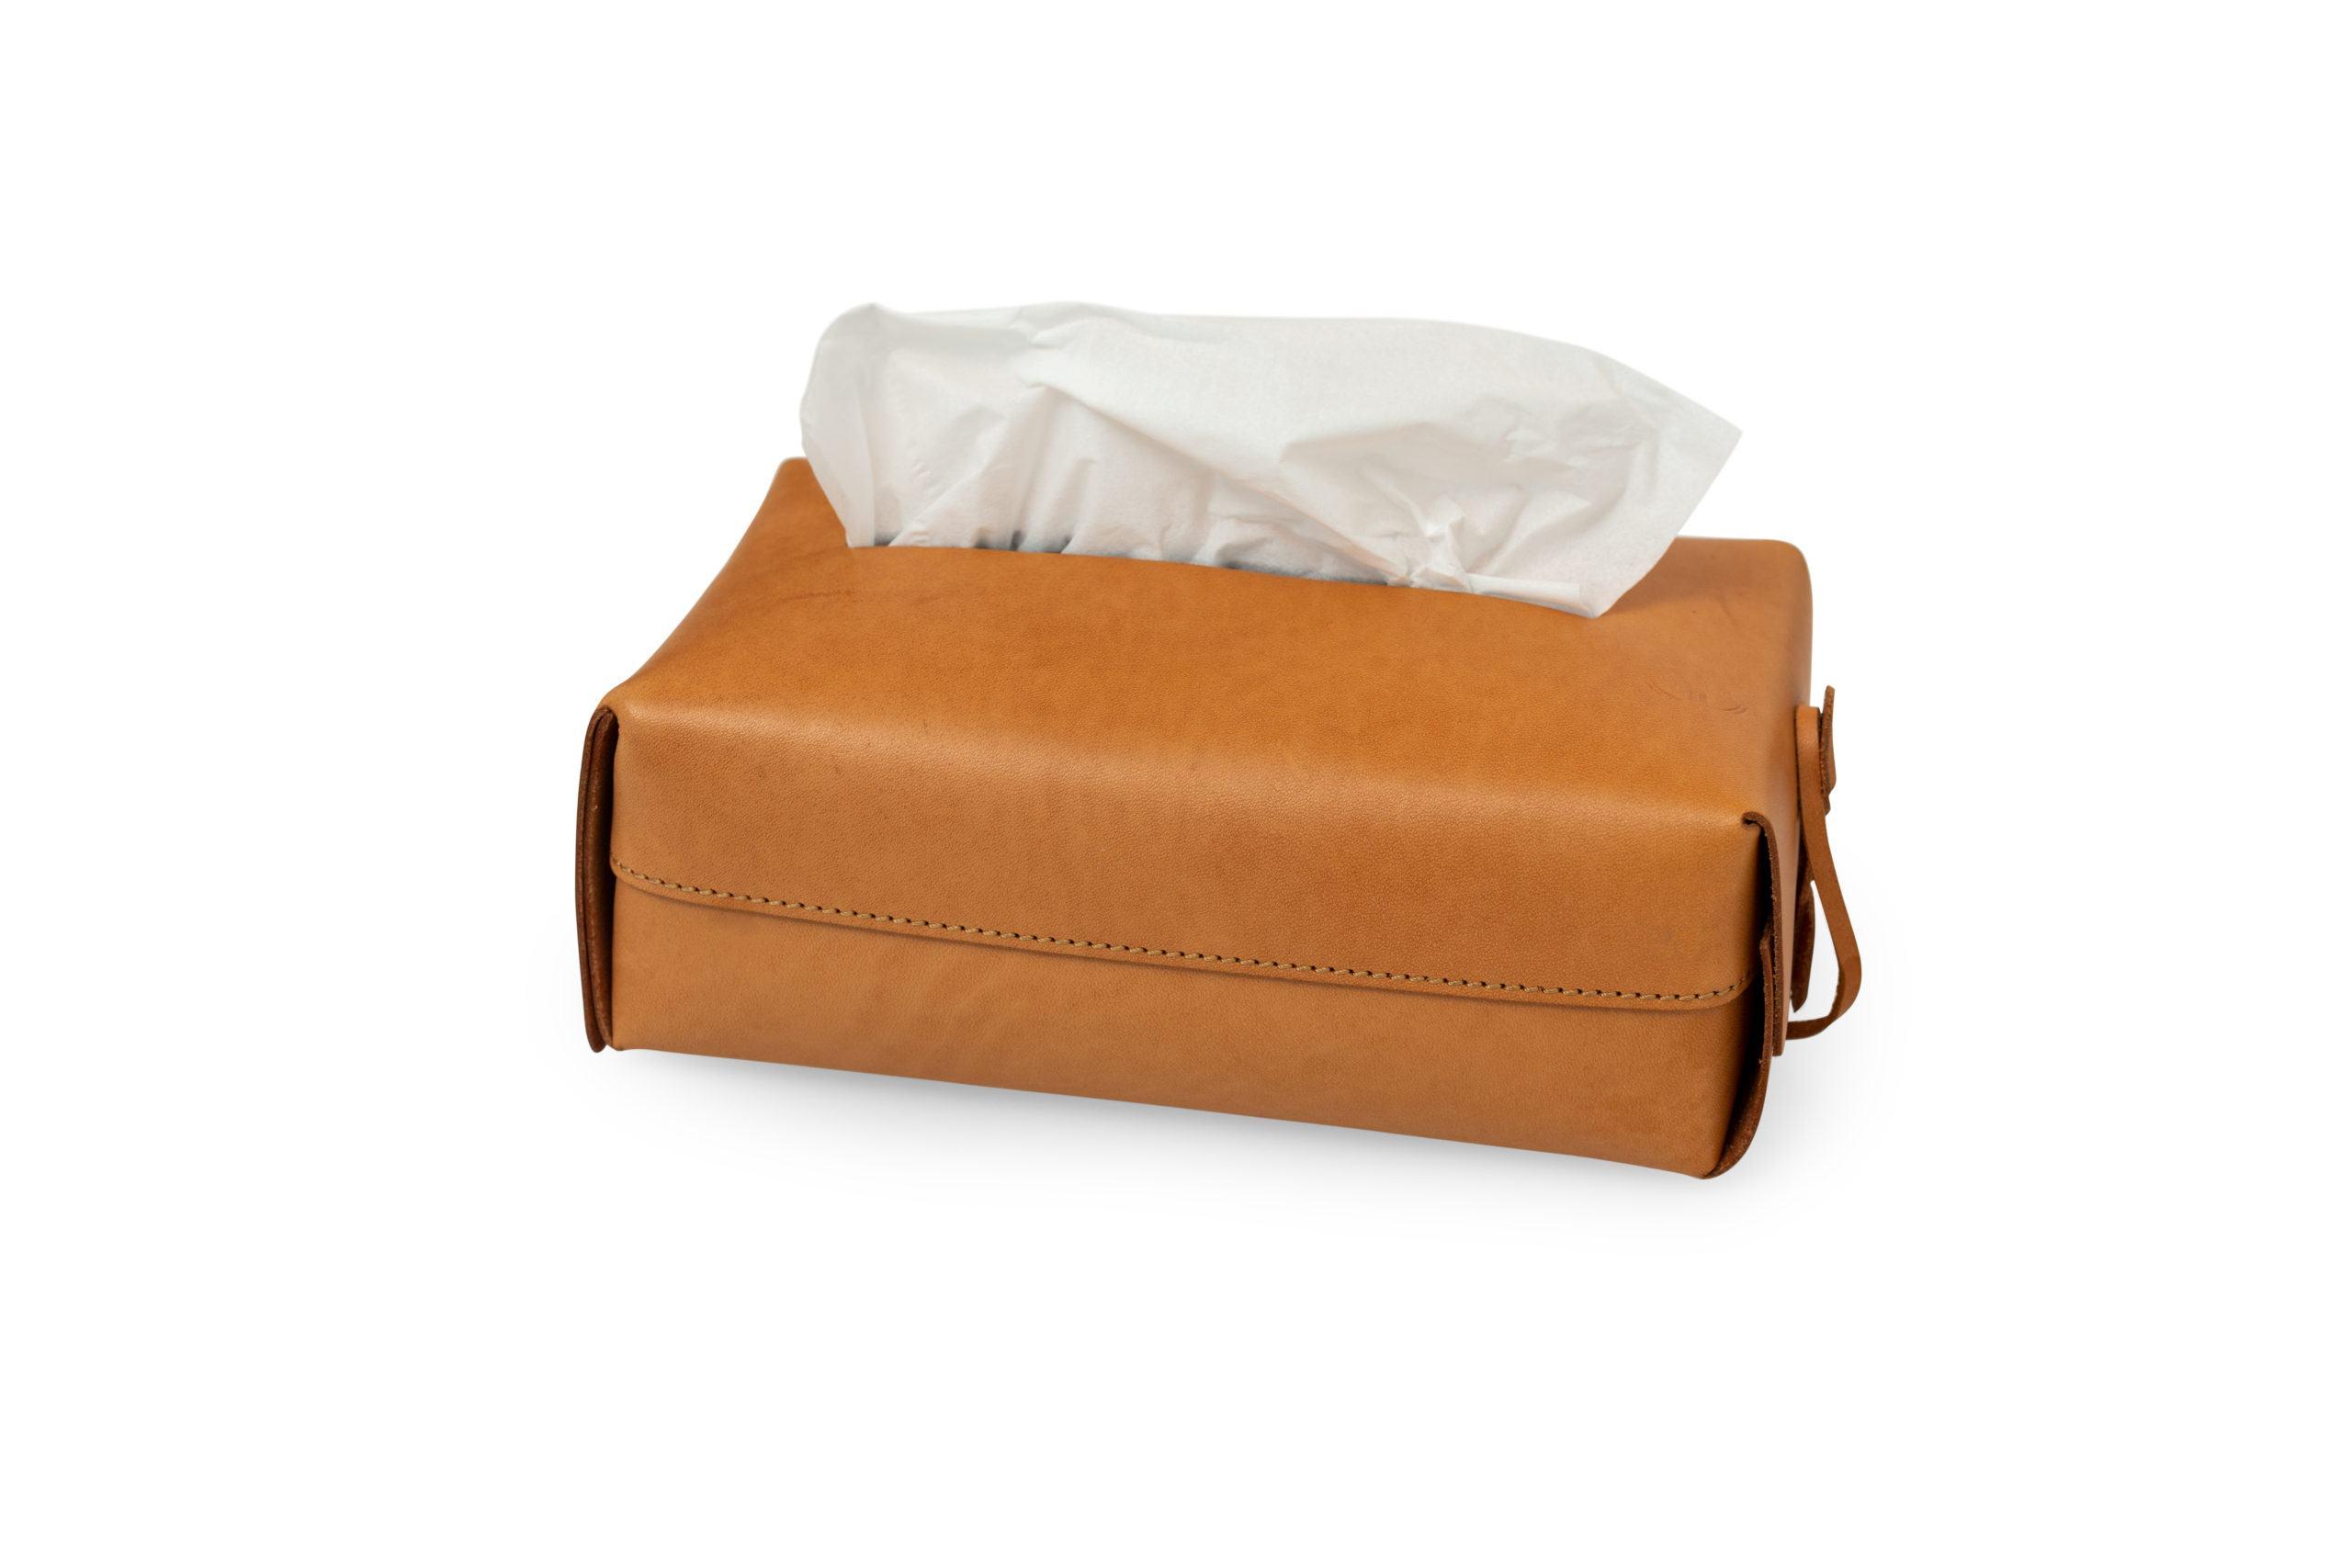 Hộp đựng khăn giấy màu nâu đẳng cấp HKG9079-N